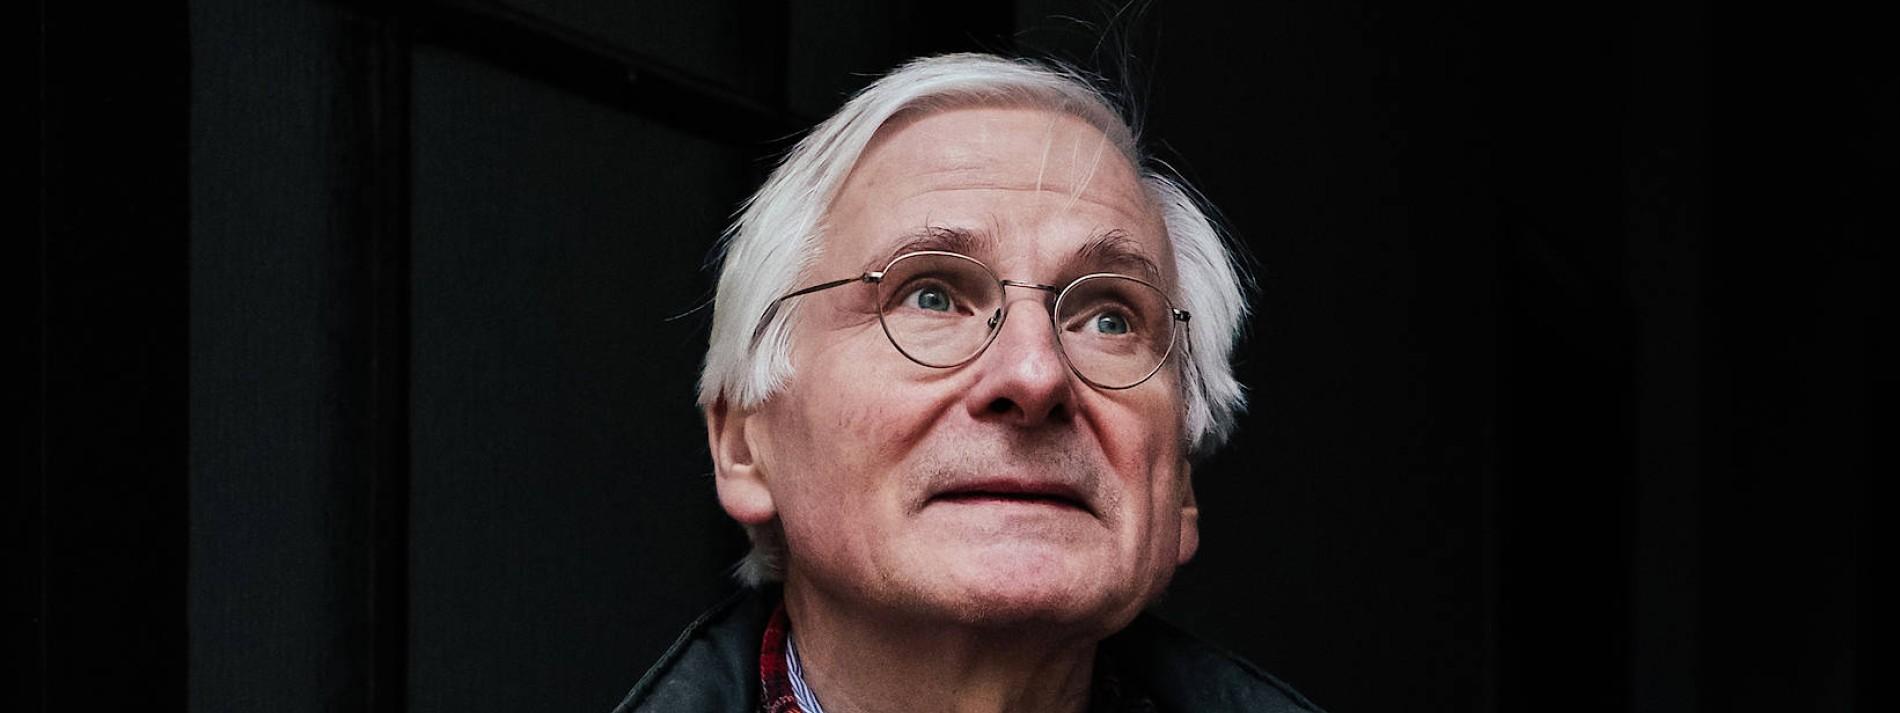 Groe Freude: Brgermeister Klaus Glanznig erhlt Ehrenring